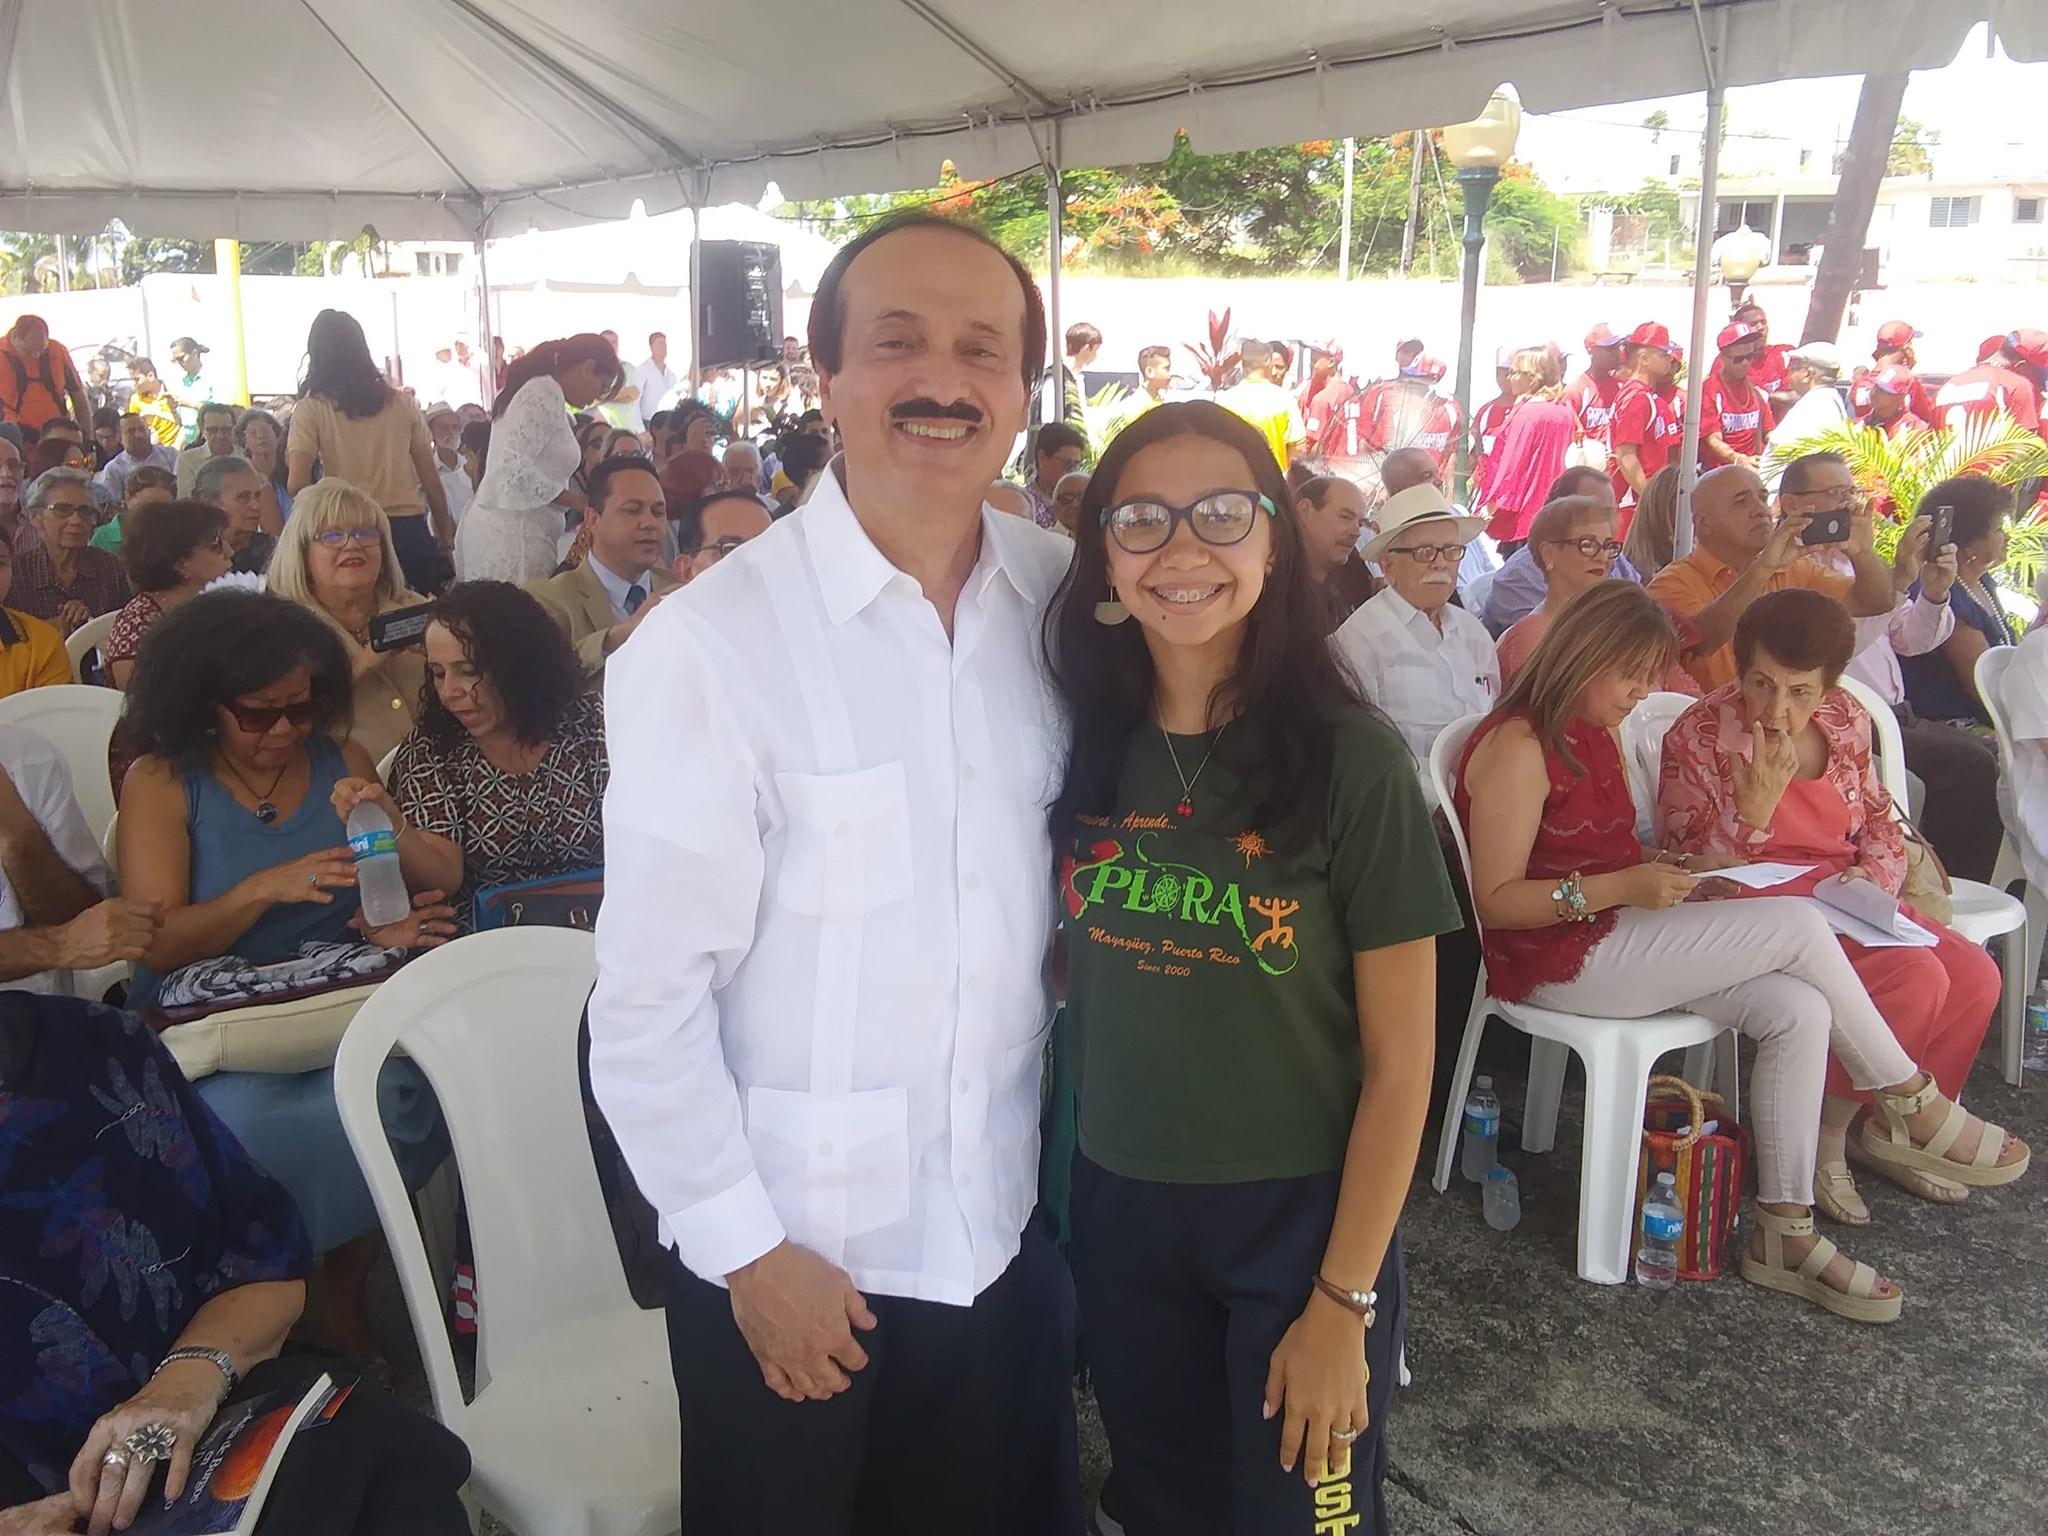 El alcalde de Mayagüez. José Guillermo Rodríguez junto a la joven Pionera.